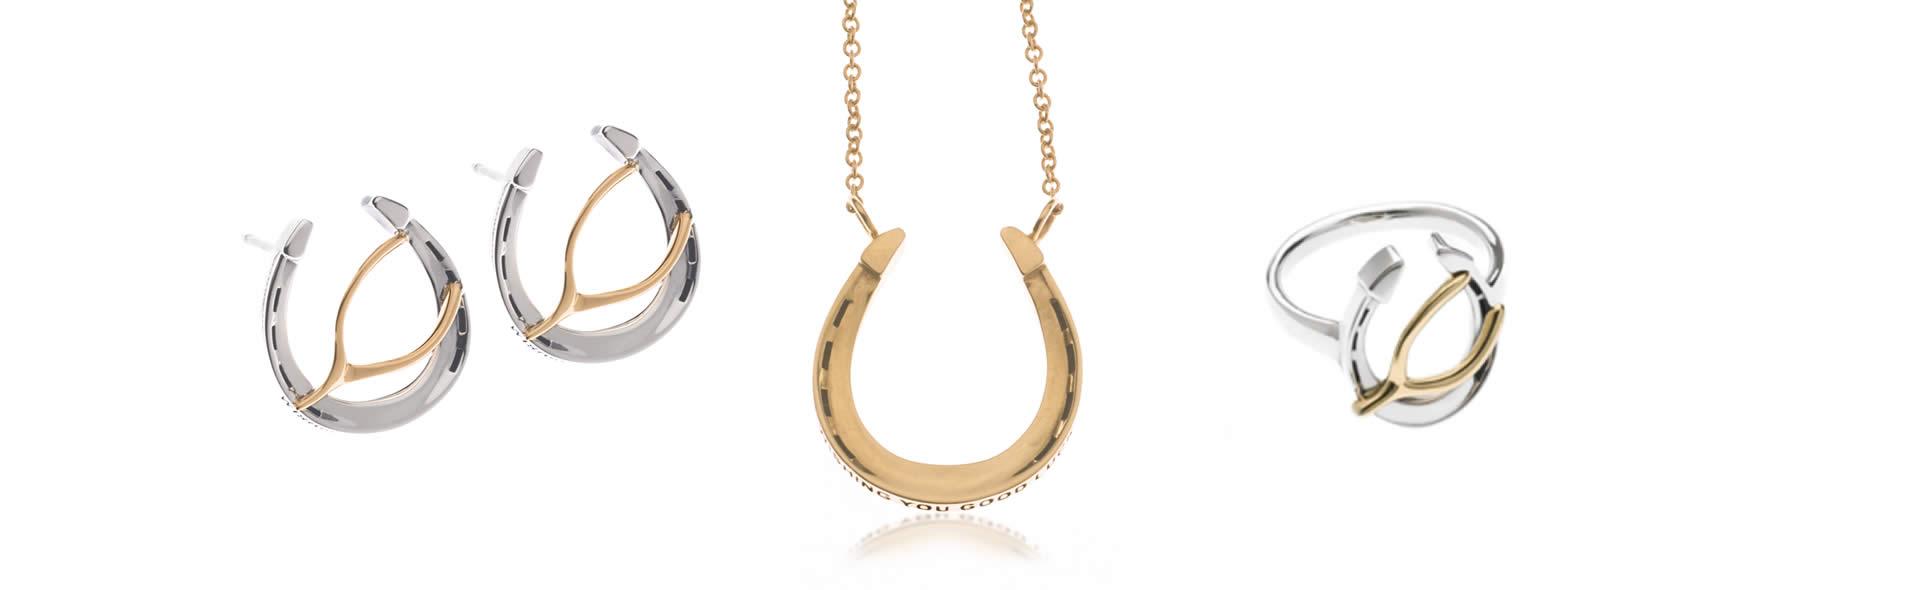 S.R. Blackinton -14K Jewelry